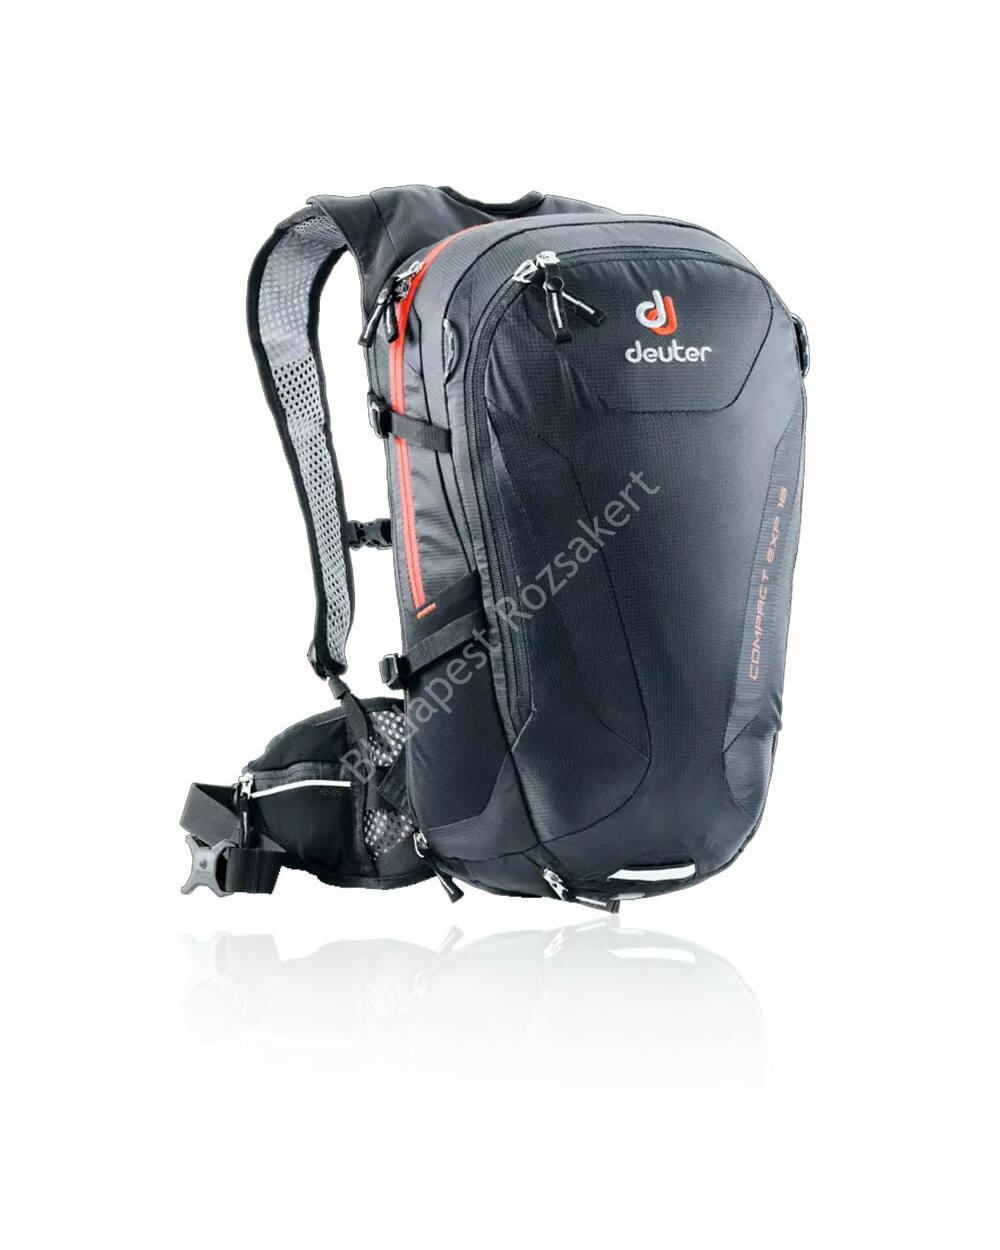 Deuter Compact Exp 16 hátizsák, fekete